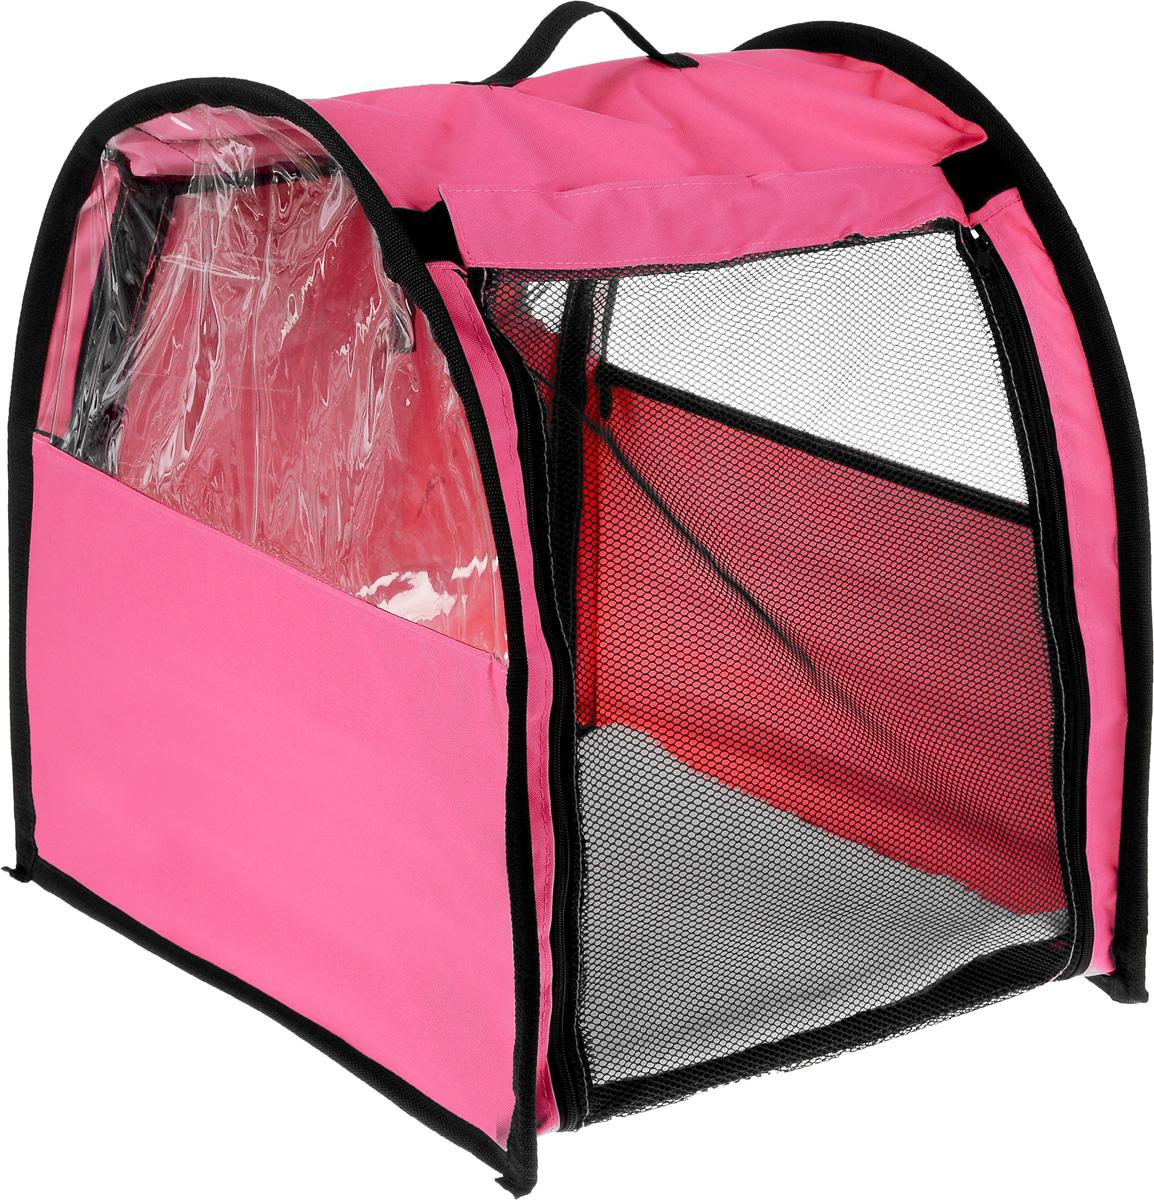 Клетка выставочная Elite Valley, полукруглая, одинарная, цвет: розовый, черный, прозрачный, 60 х 49 х 62 см1642DDКлетка Elite Valley предназначена для показа кошек и собак мелких пород на выставках. Она выполнена из прочной ткани ПВХ, каркас металлический. Клетка оснащена съемными пленкой и сеткой. Внутри имеется крепеж для гамака и мягкий матрас, выполненный из искусственного меха. Прозрачную пленку можно прикрыть шторкой. Информацию о питомце можно разместить в небольшом кармашке. Сверху расположена ручка для переноски.В комплекте сумка-чехол для переноски.Размер клетки: 60 х 49 х 62 см.Размер матраса: 55 х 50 см.